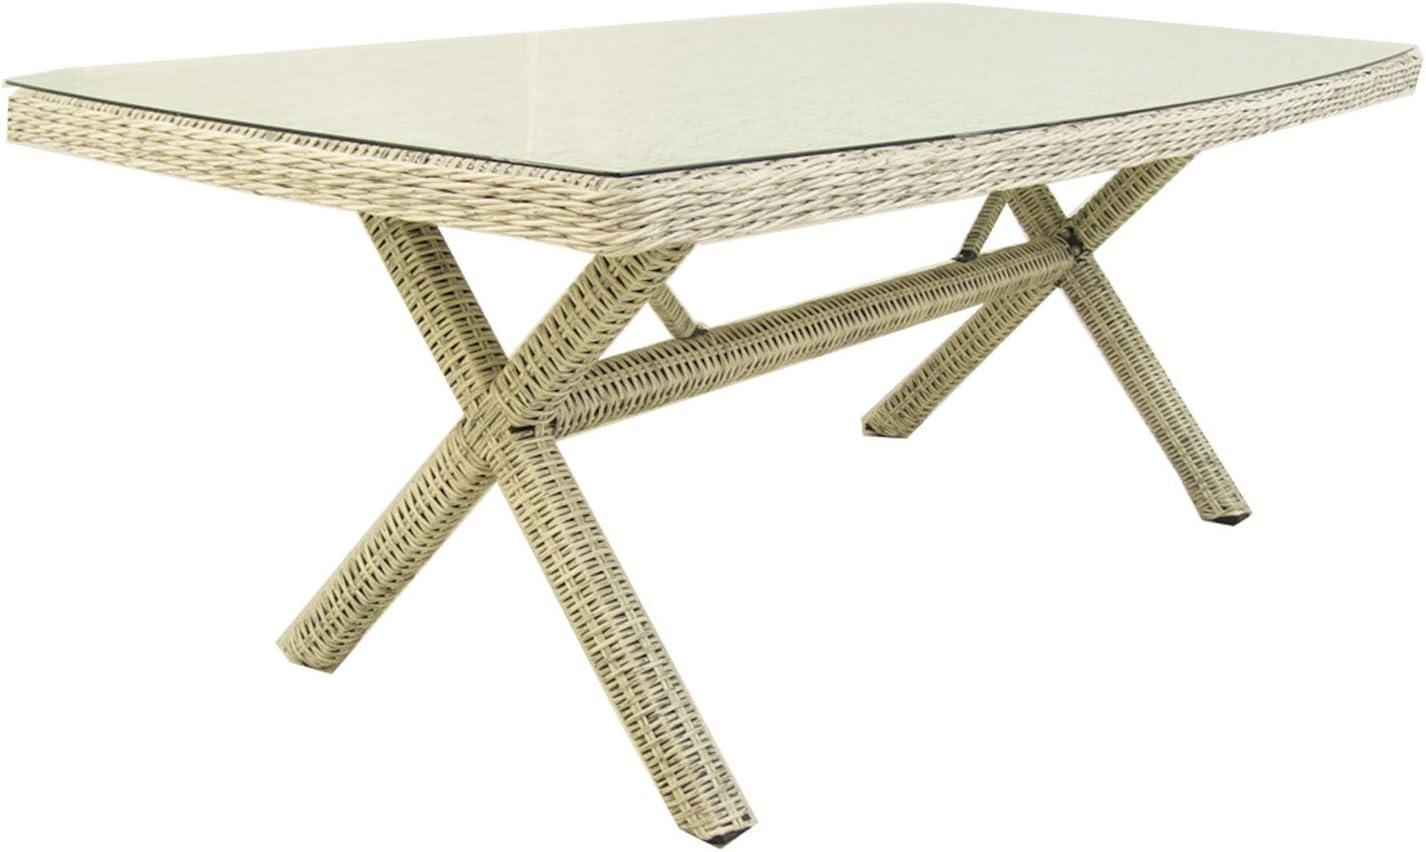 Mesa de jardín Rectangular, Tamaño: 200x100x72 cm, Aluminio y ratán sintético Redondo Color Blanco, Cristal Templado de 5 mm